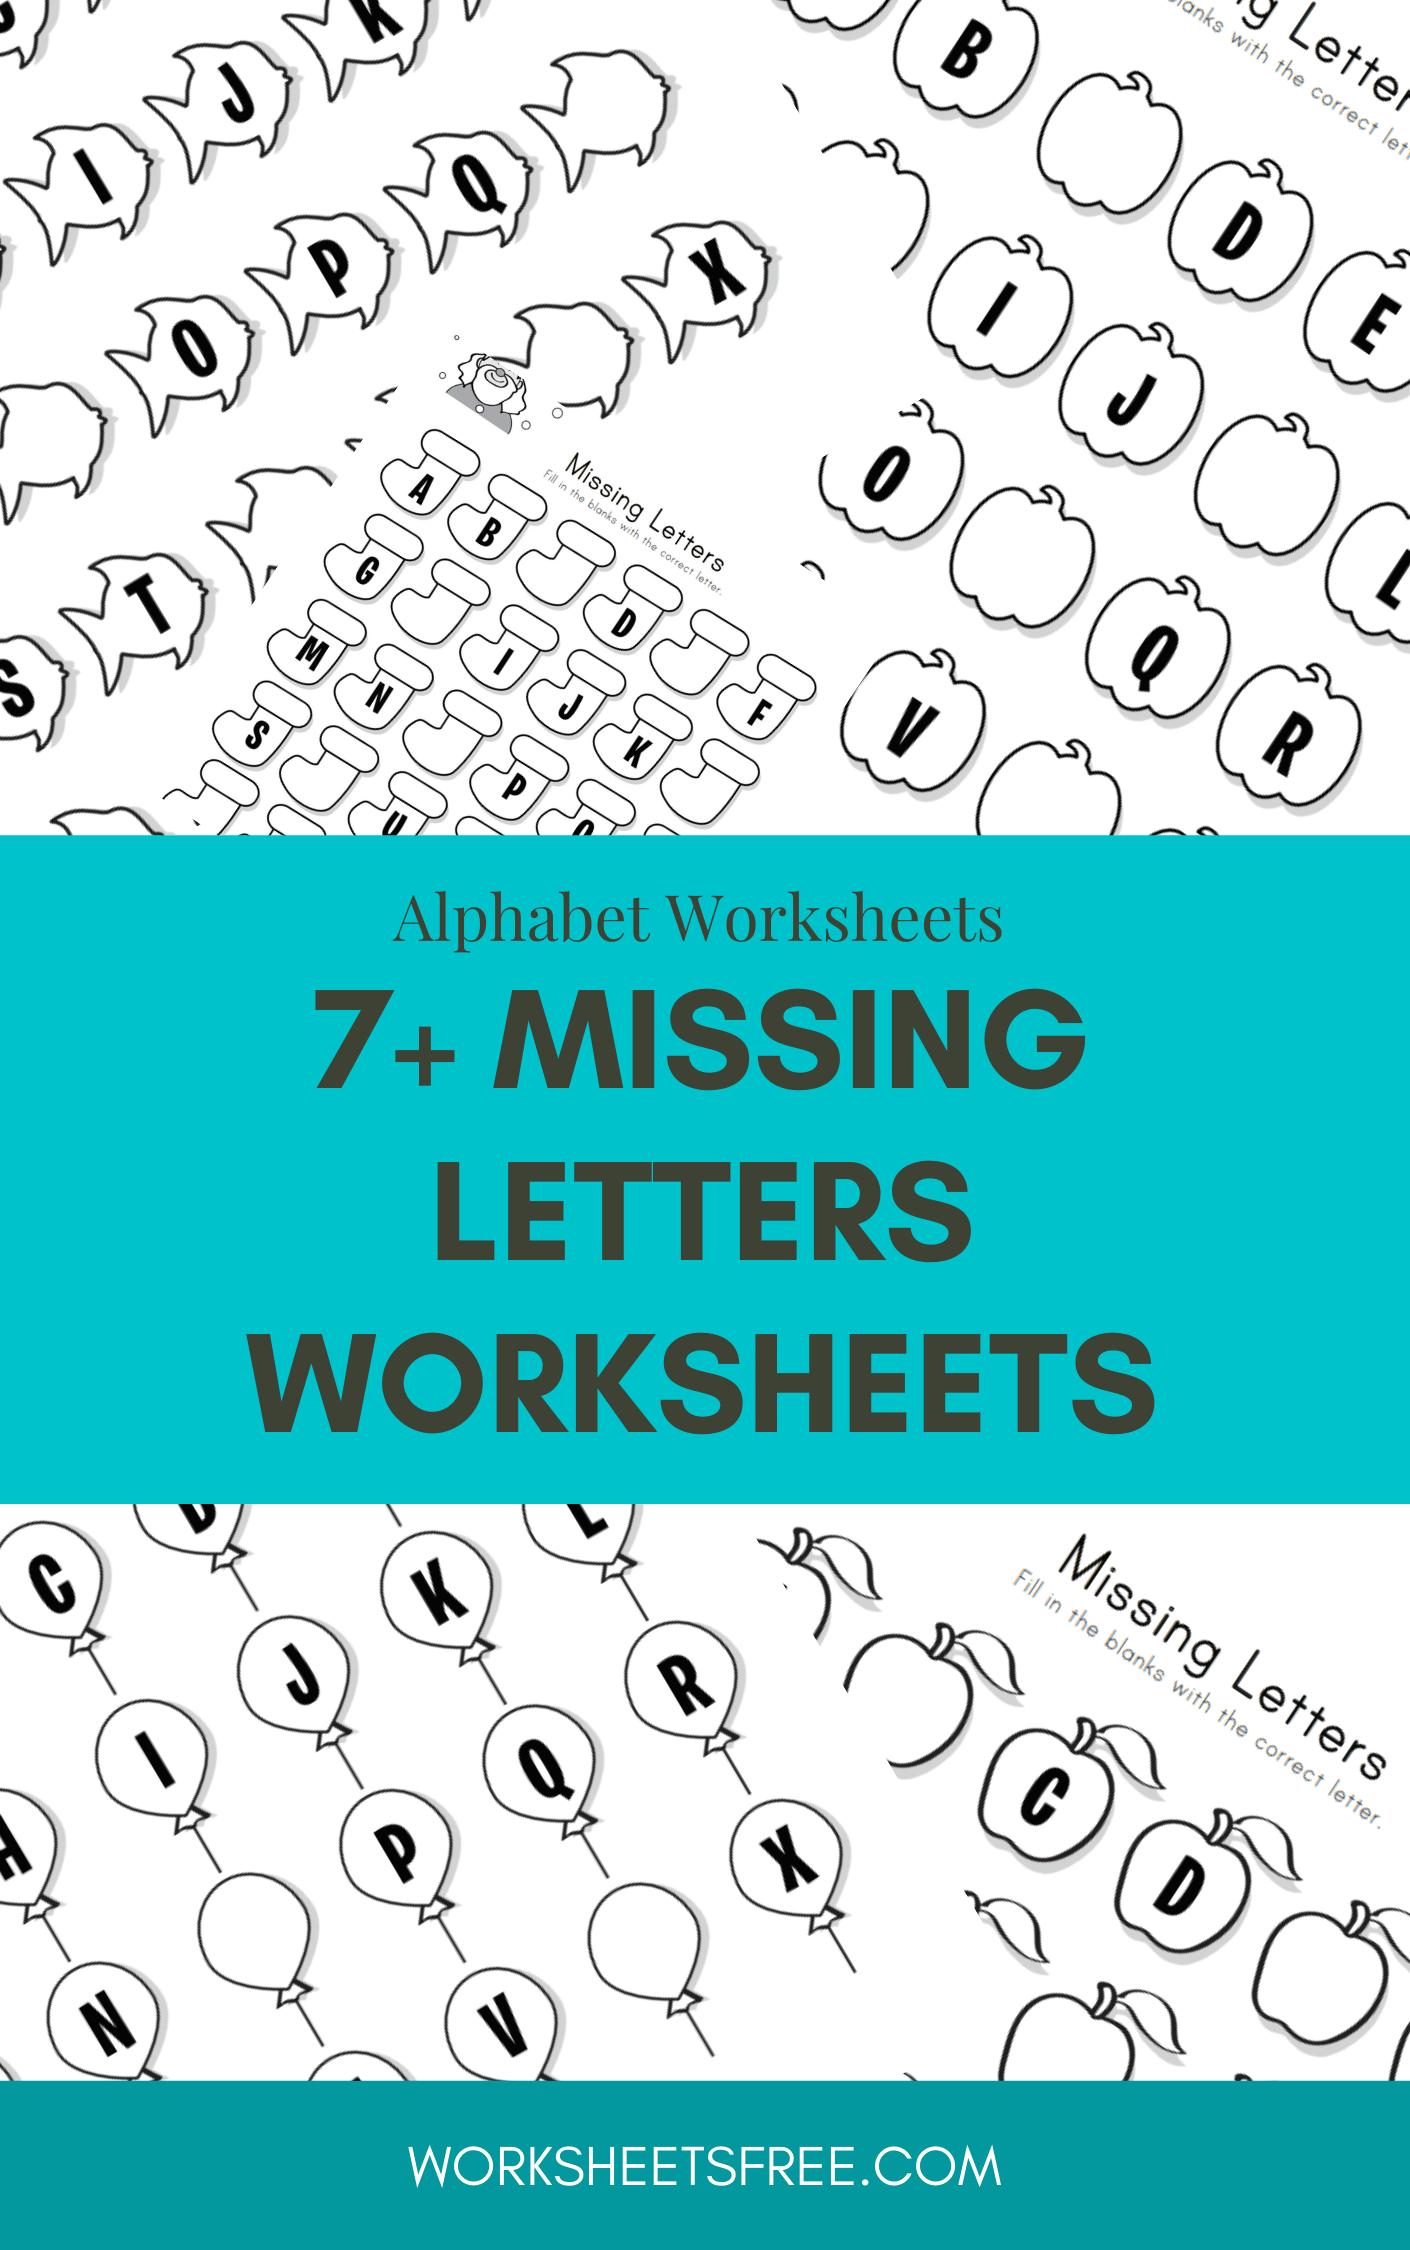 7 Missing Letters Worksheets